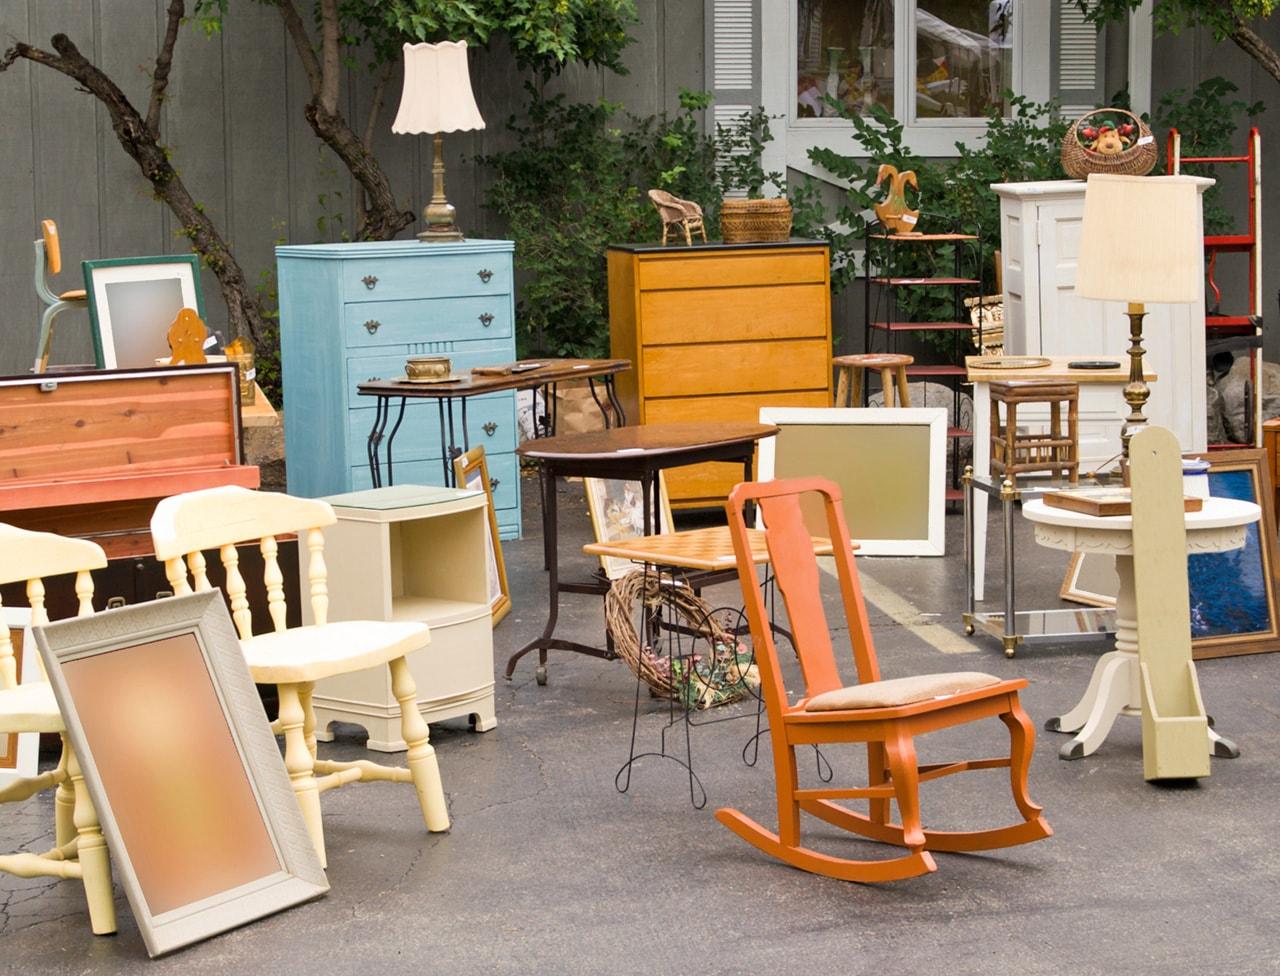 Ne jetez pas vos vieux meubles modernisez les ngn mag - Reprise de vieux meubles ...